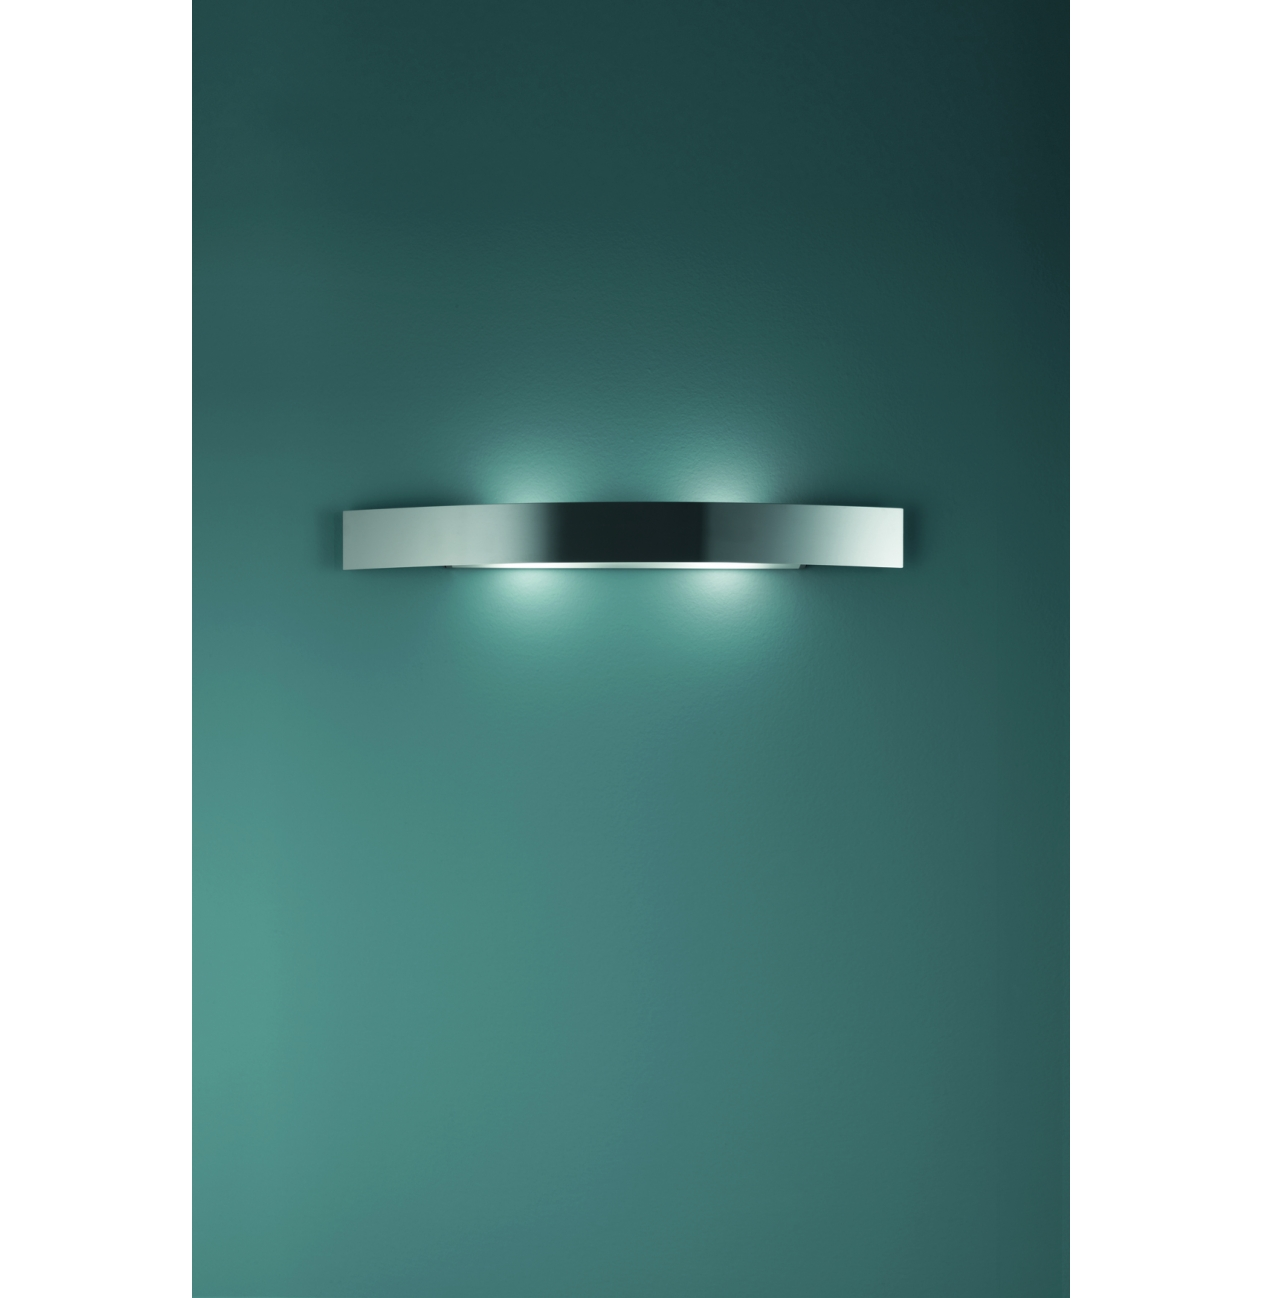 Fontana arte wandlamp riga versteeg lichtstudio for Fontana arte riga